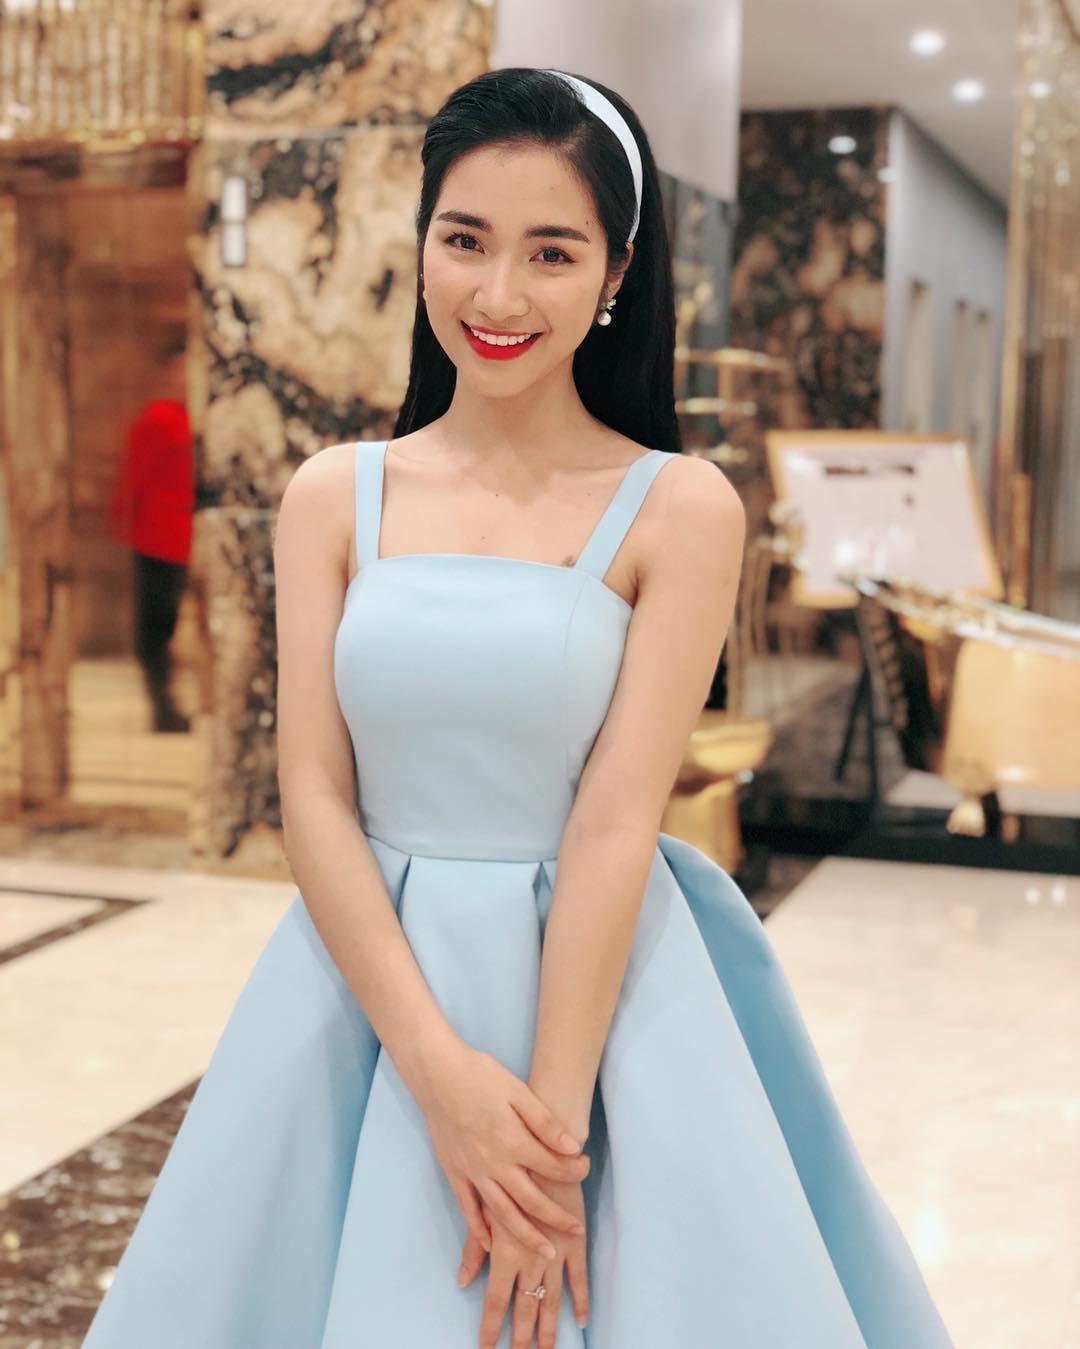 Dàn Hoa hậu, Á hậu gửi lời chúc và đặt cược vào chiến thắng của Hương Giang tại Hoa hậu Chuyển giới Quốc tế - Ảnh 9.